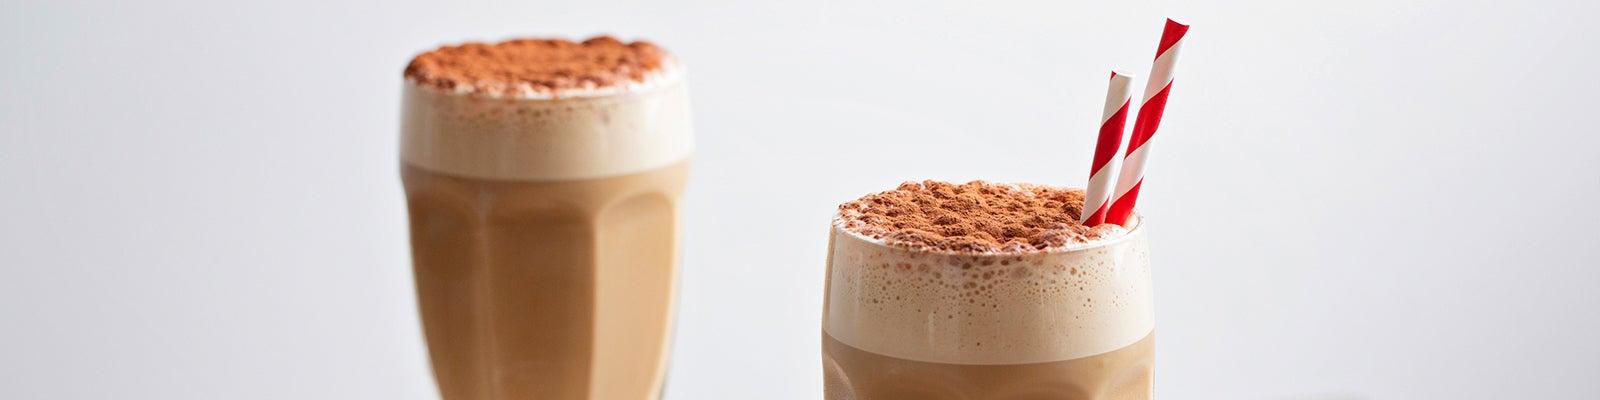 cappuccino-milkshake